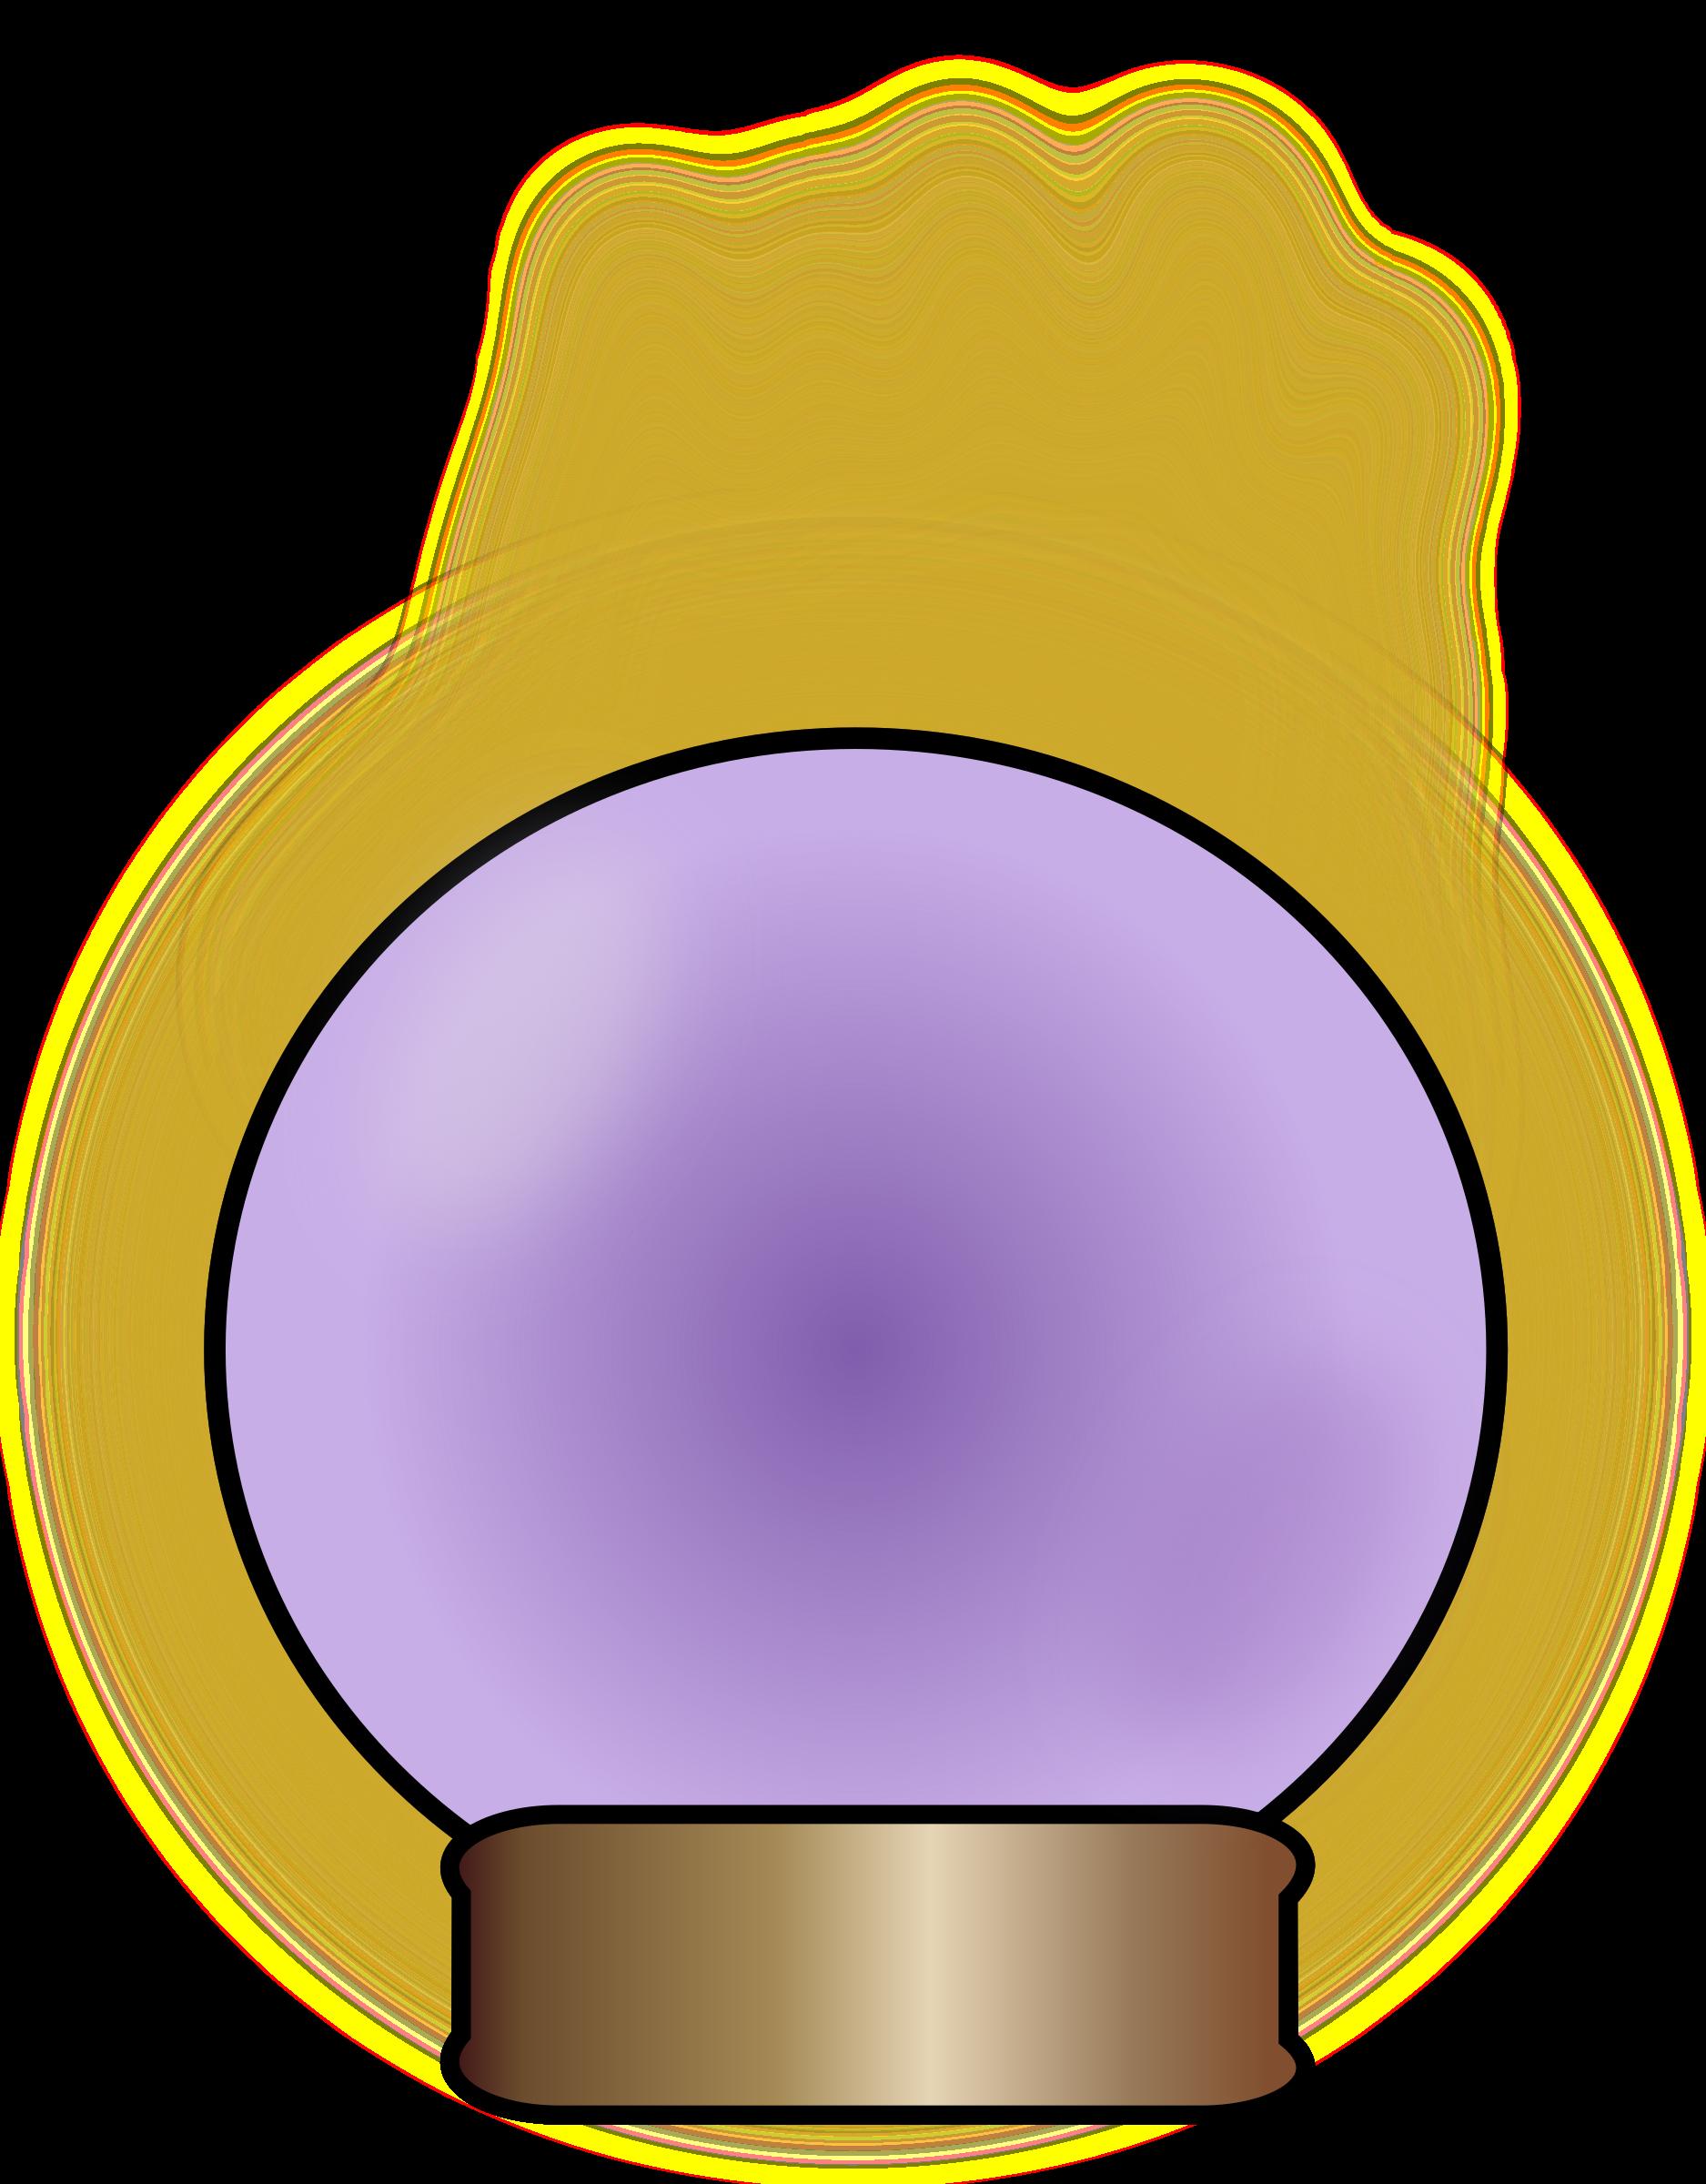 crystal clipart cartoon